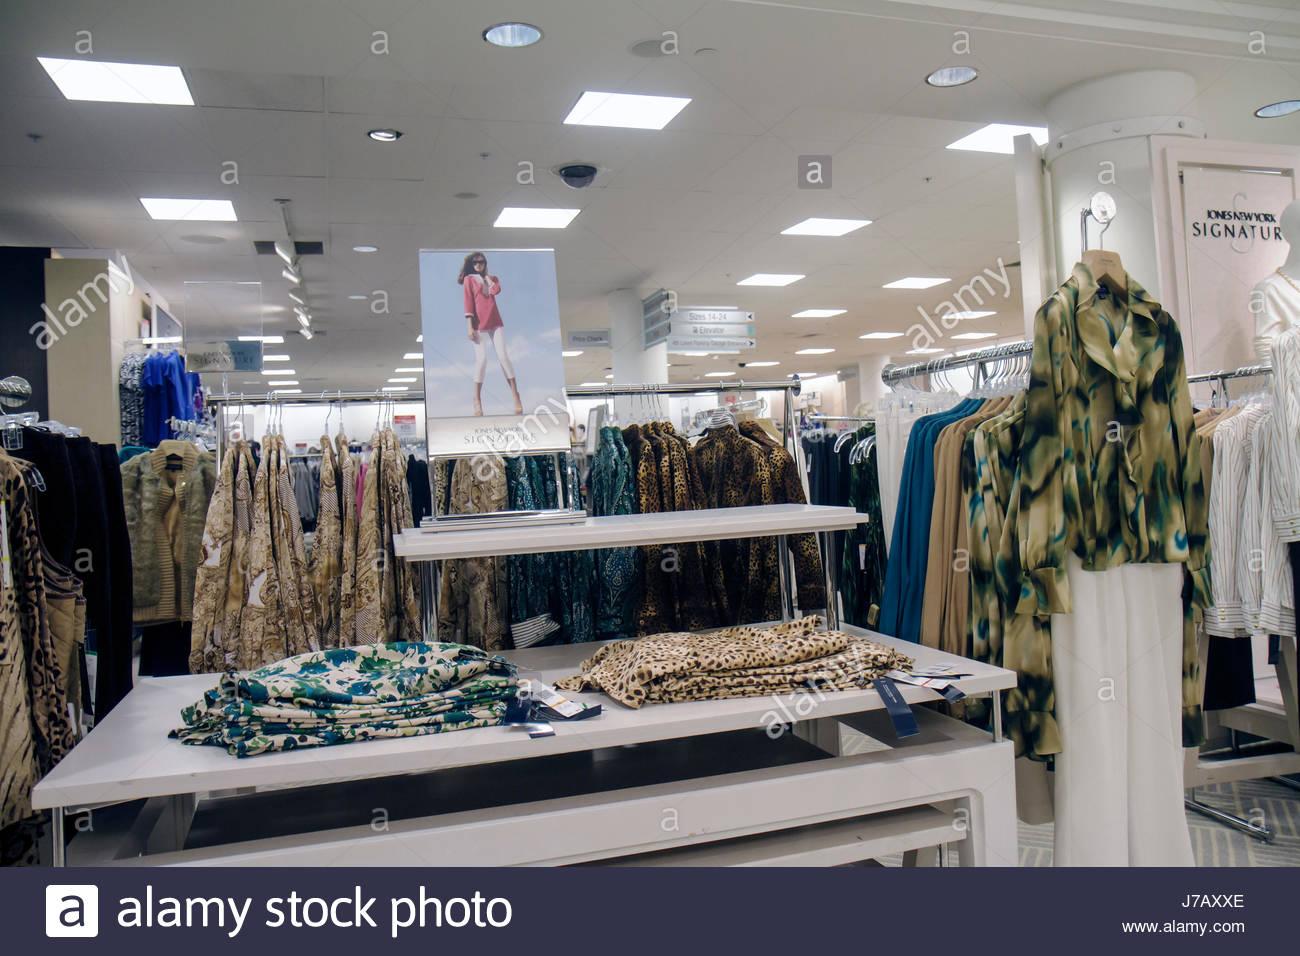 ae914830f Florida Miami Dadeland Mall Shopping expositor para la venta de los grandes  almacenes Macy s ropa de